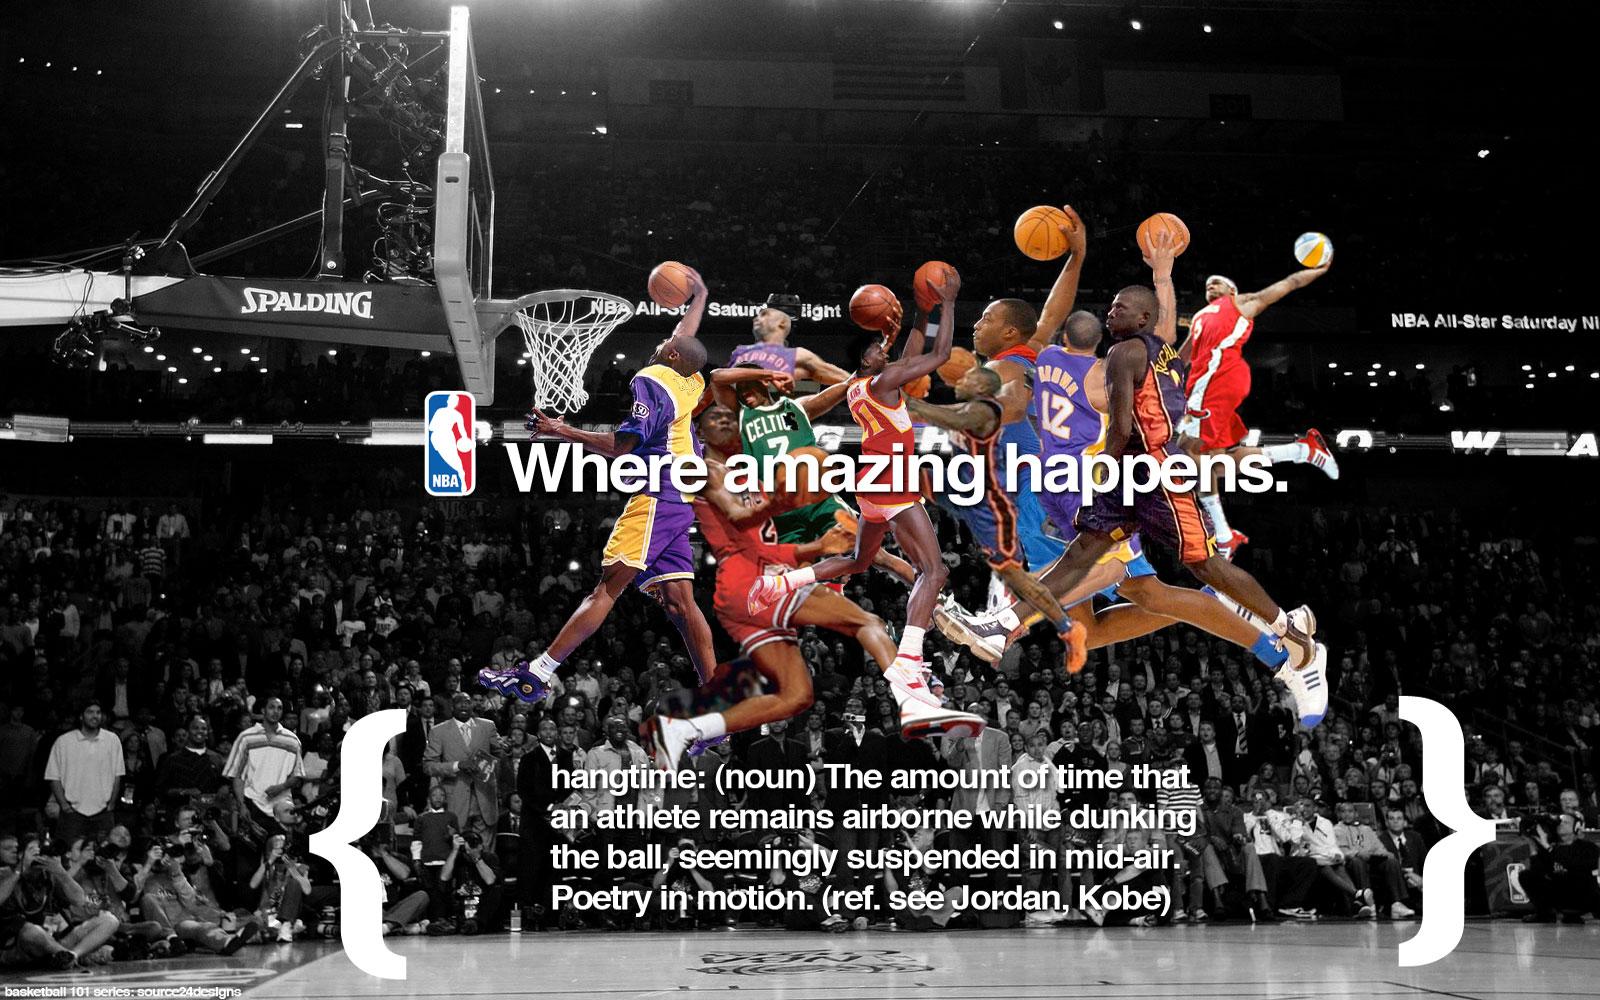 wallpaper nba wallpaper share this cool nba basketball team wallpaper 1600x1000